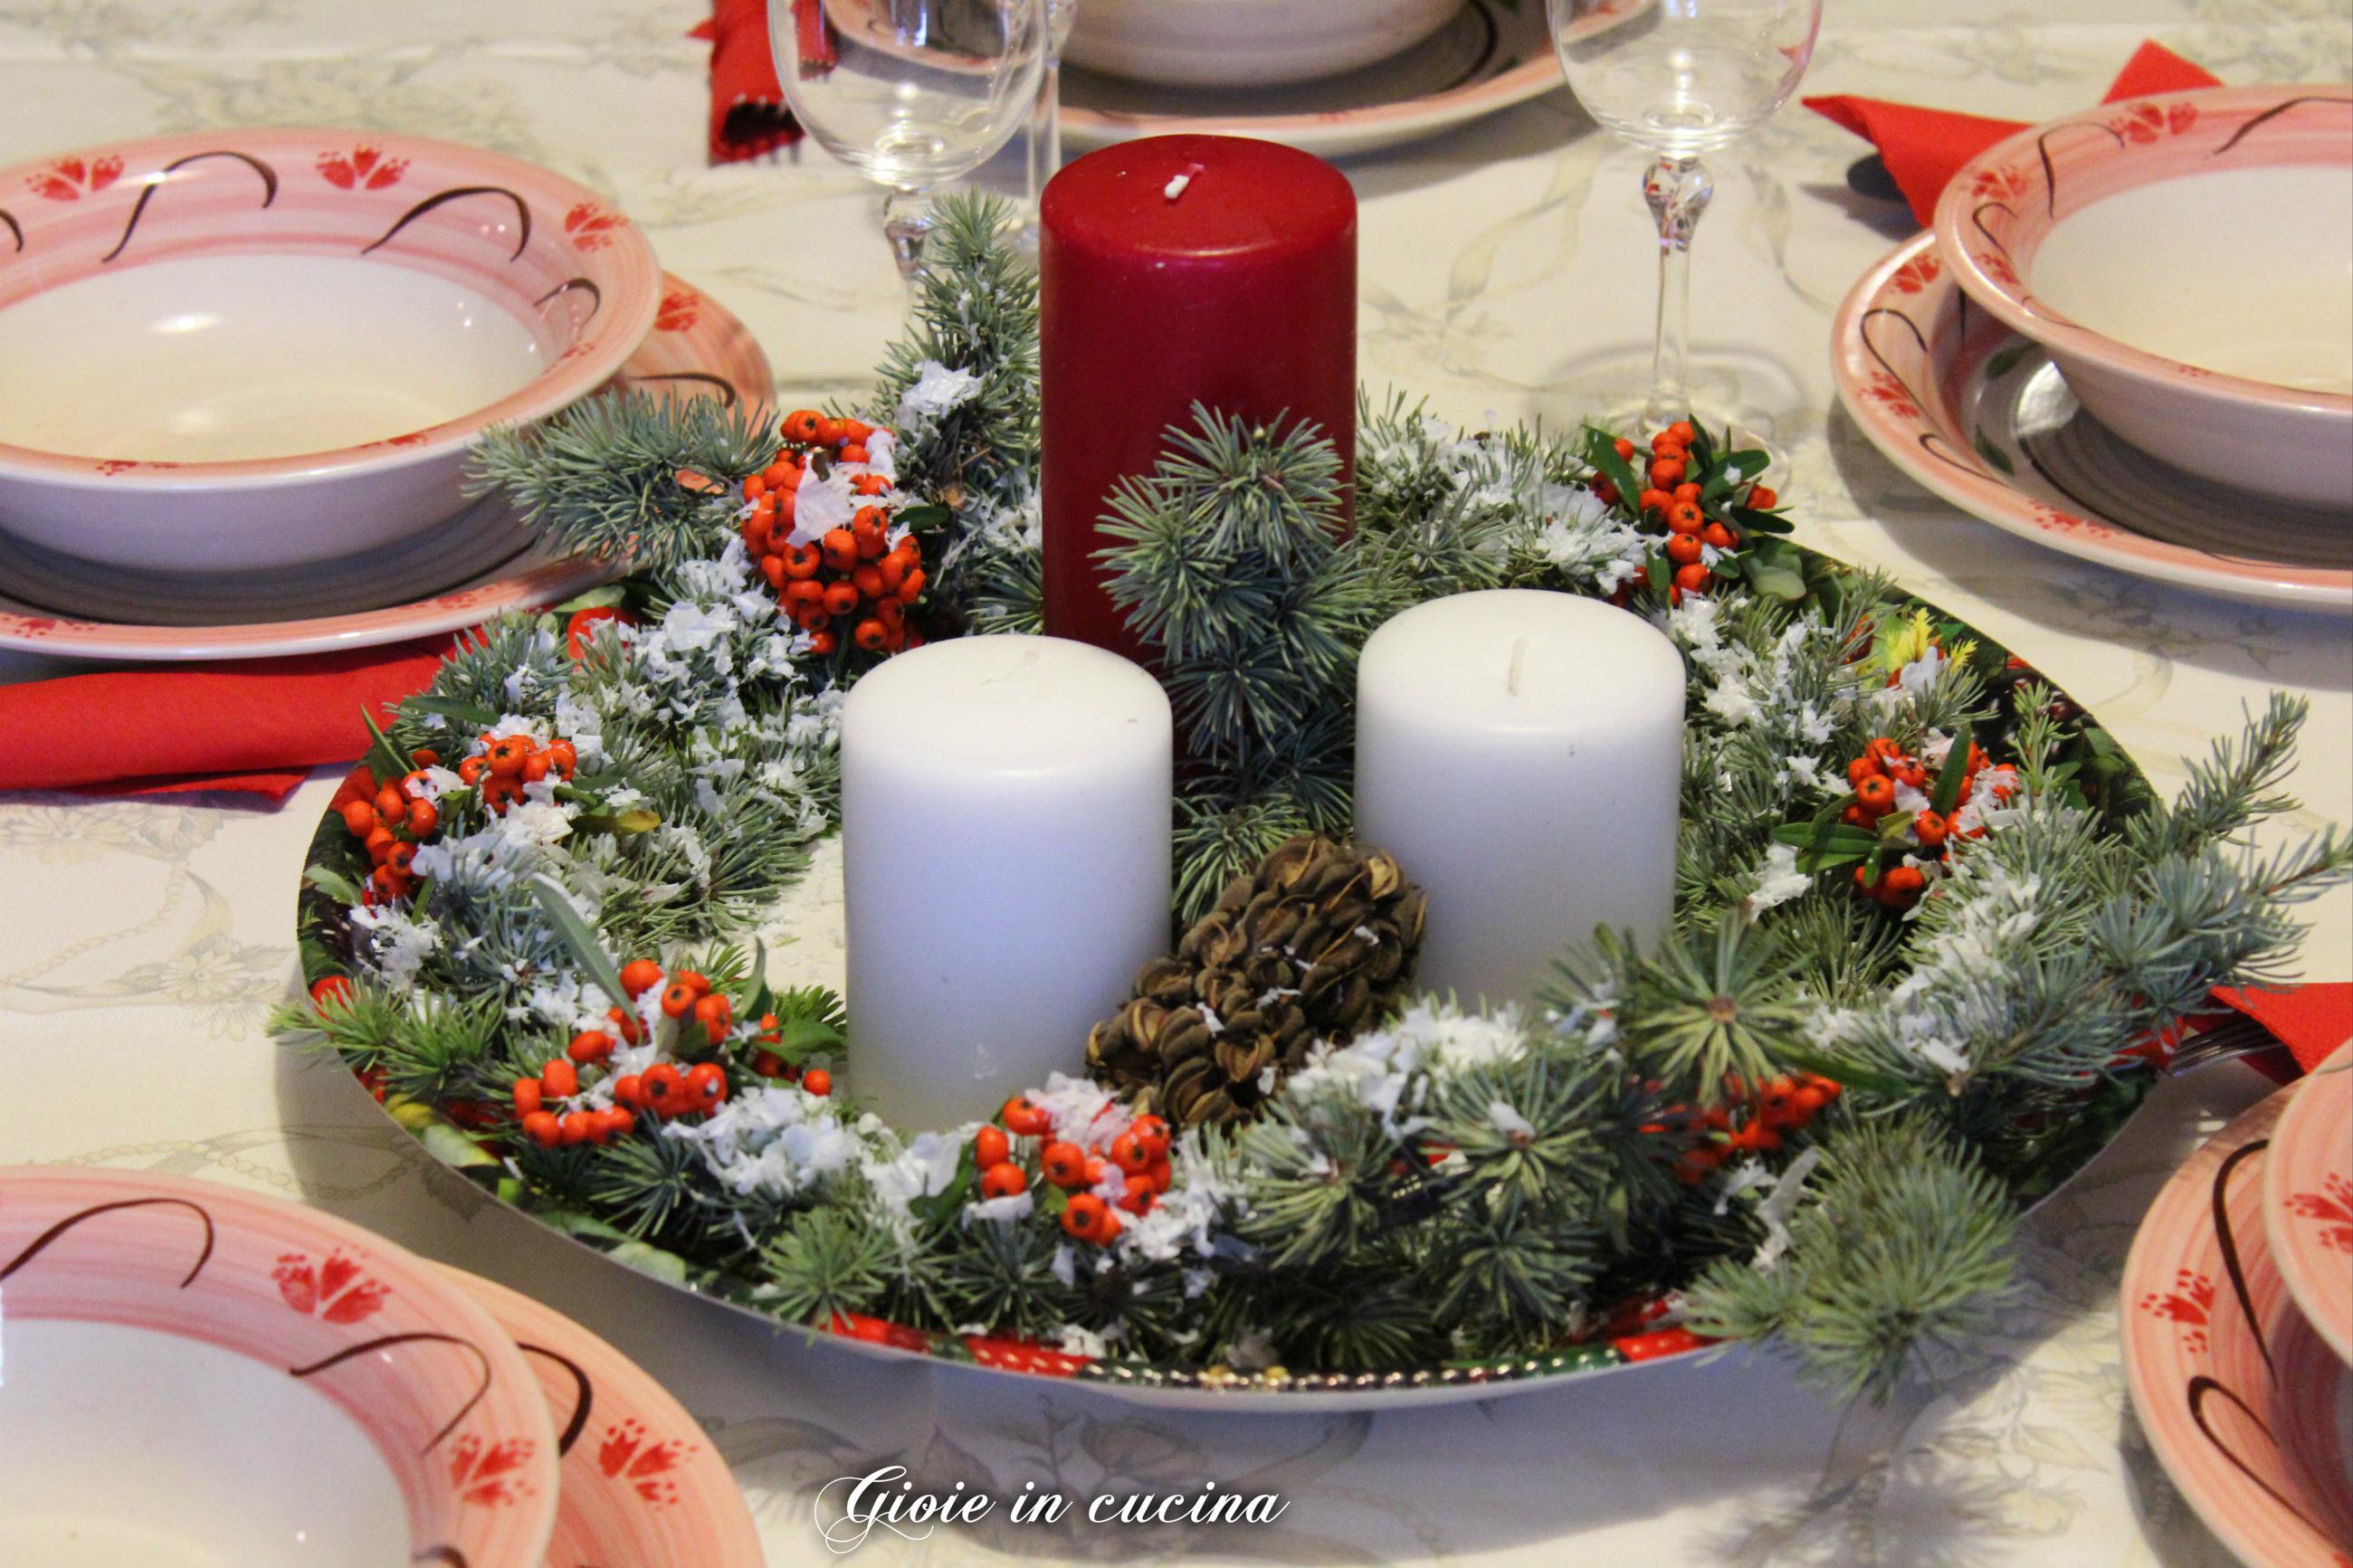 Centro tavola natalizio fai da te gioie in cucina - Tavola di natale fai da te ...